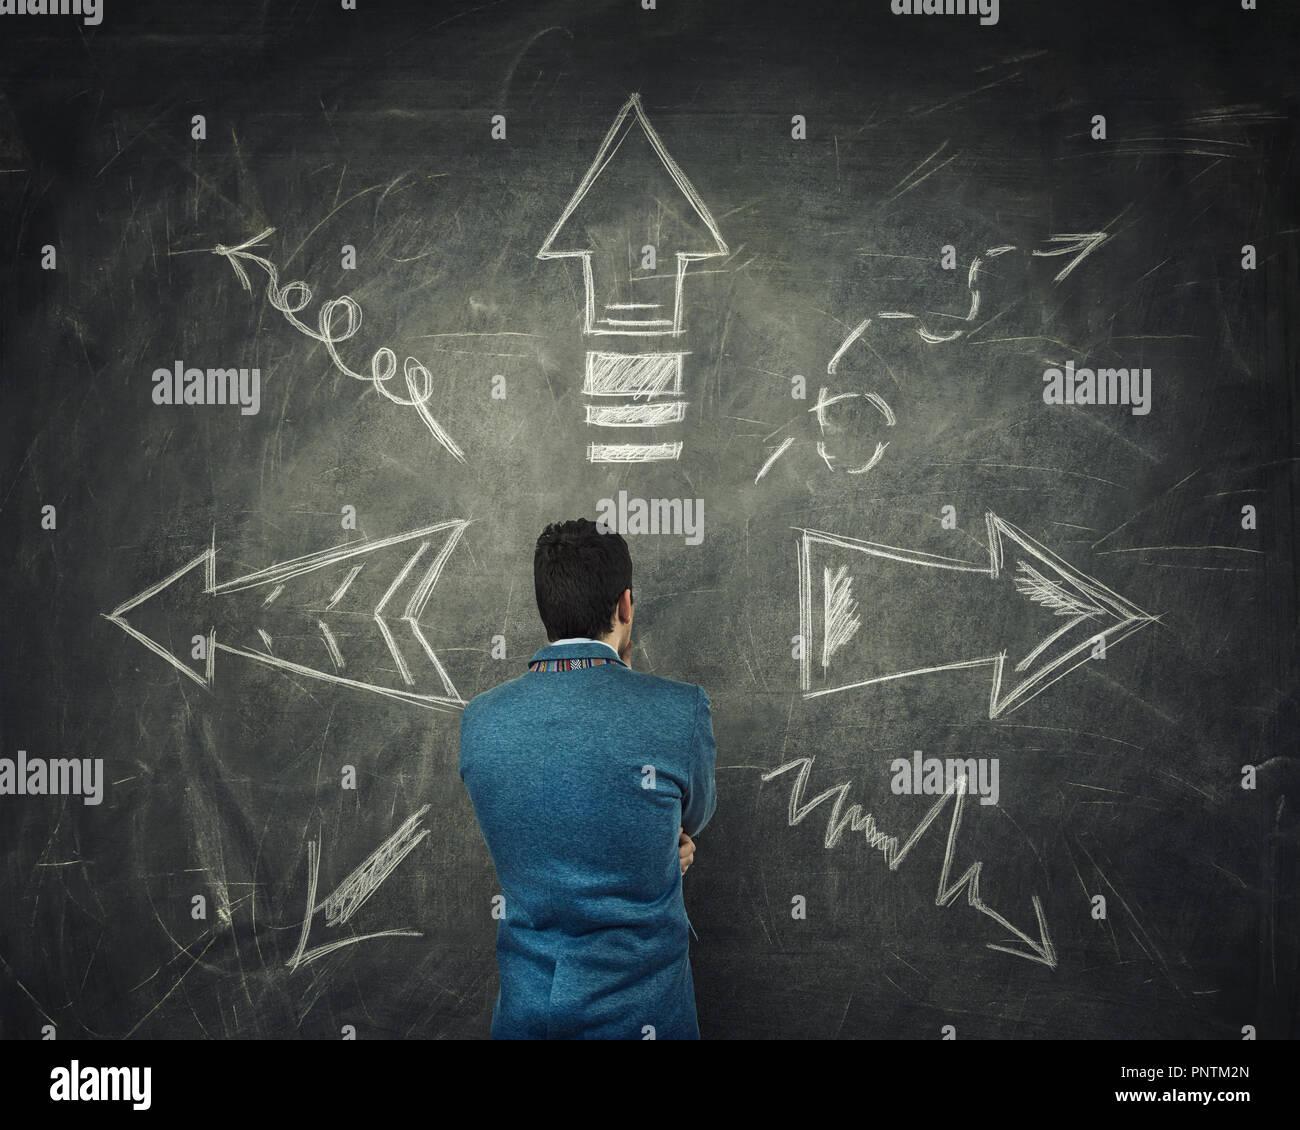 Vista trasera del empresario pensativo pensando en frente de una gran pizarra con flechas que apuntan en direcciones diferentes. Difícil elección, decidir qué wa Imagen De Stock